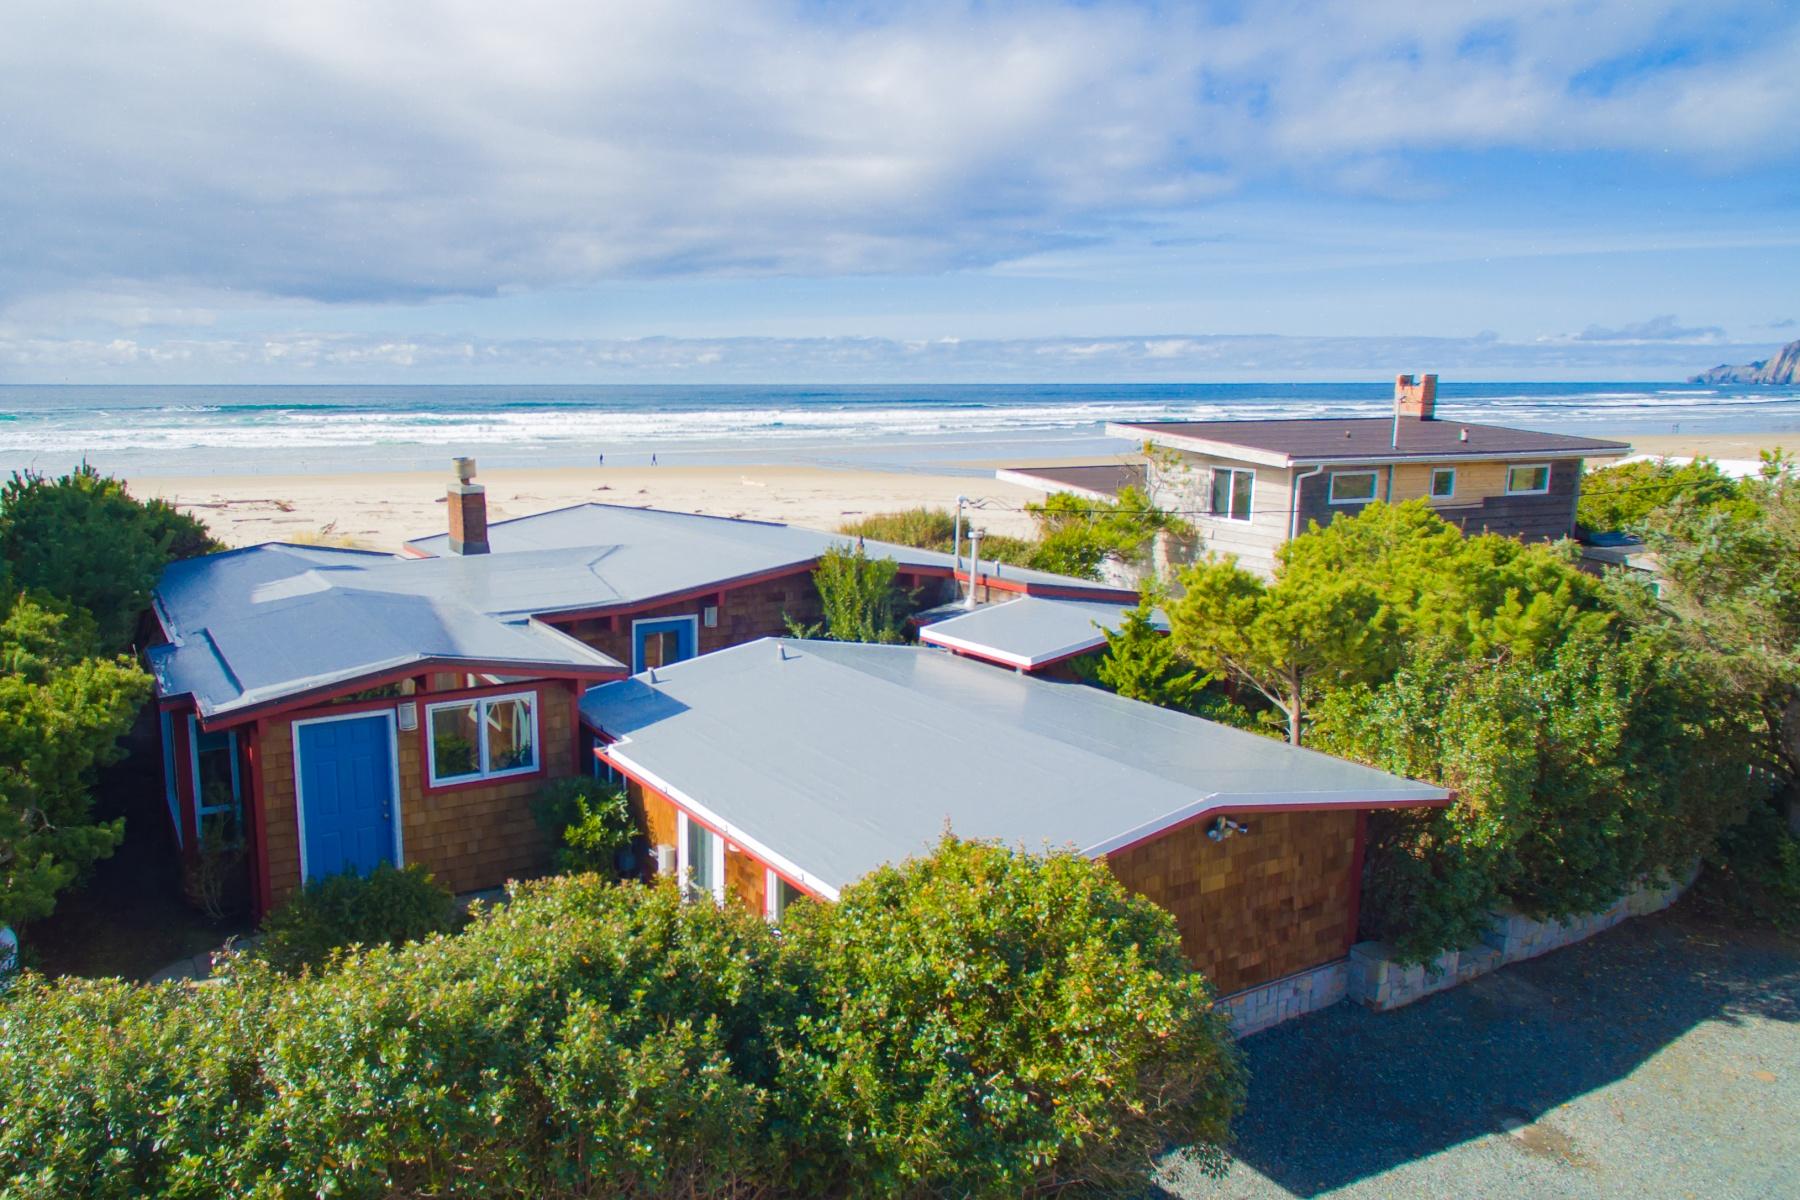 Nhà ở một gia đình vì Bán tại 649 BEACH ST, MANZANITA, OR Manzanita, Oregon, 97130 Hoa Kỳ